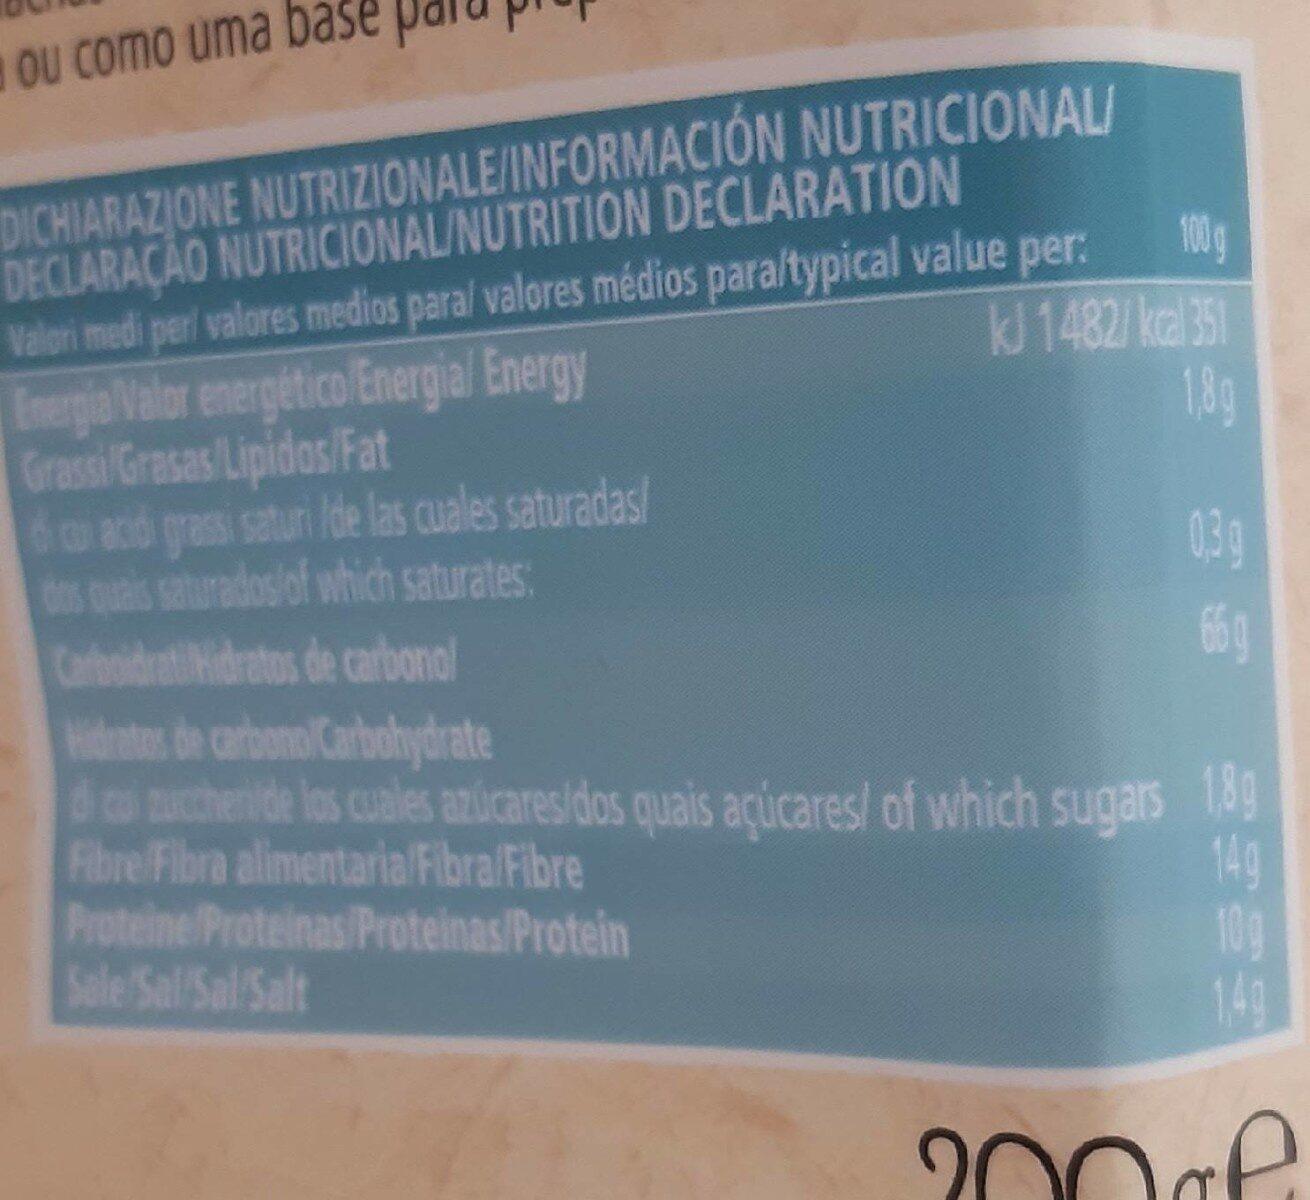 Crispbread integrale di segale - Nutrition facts - fr